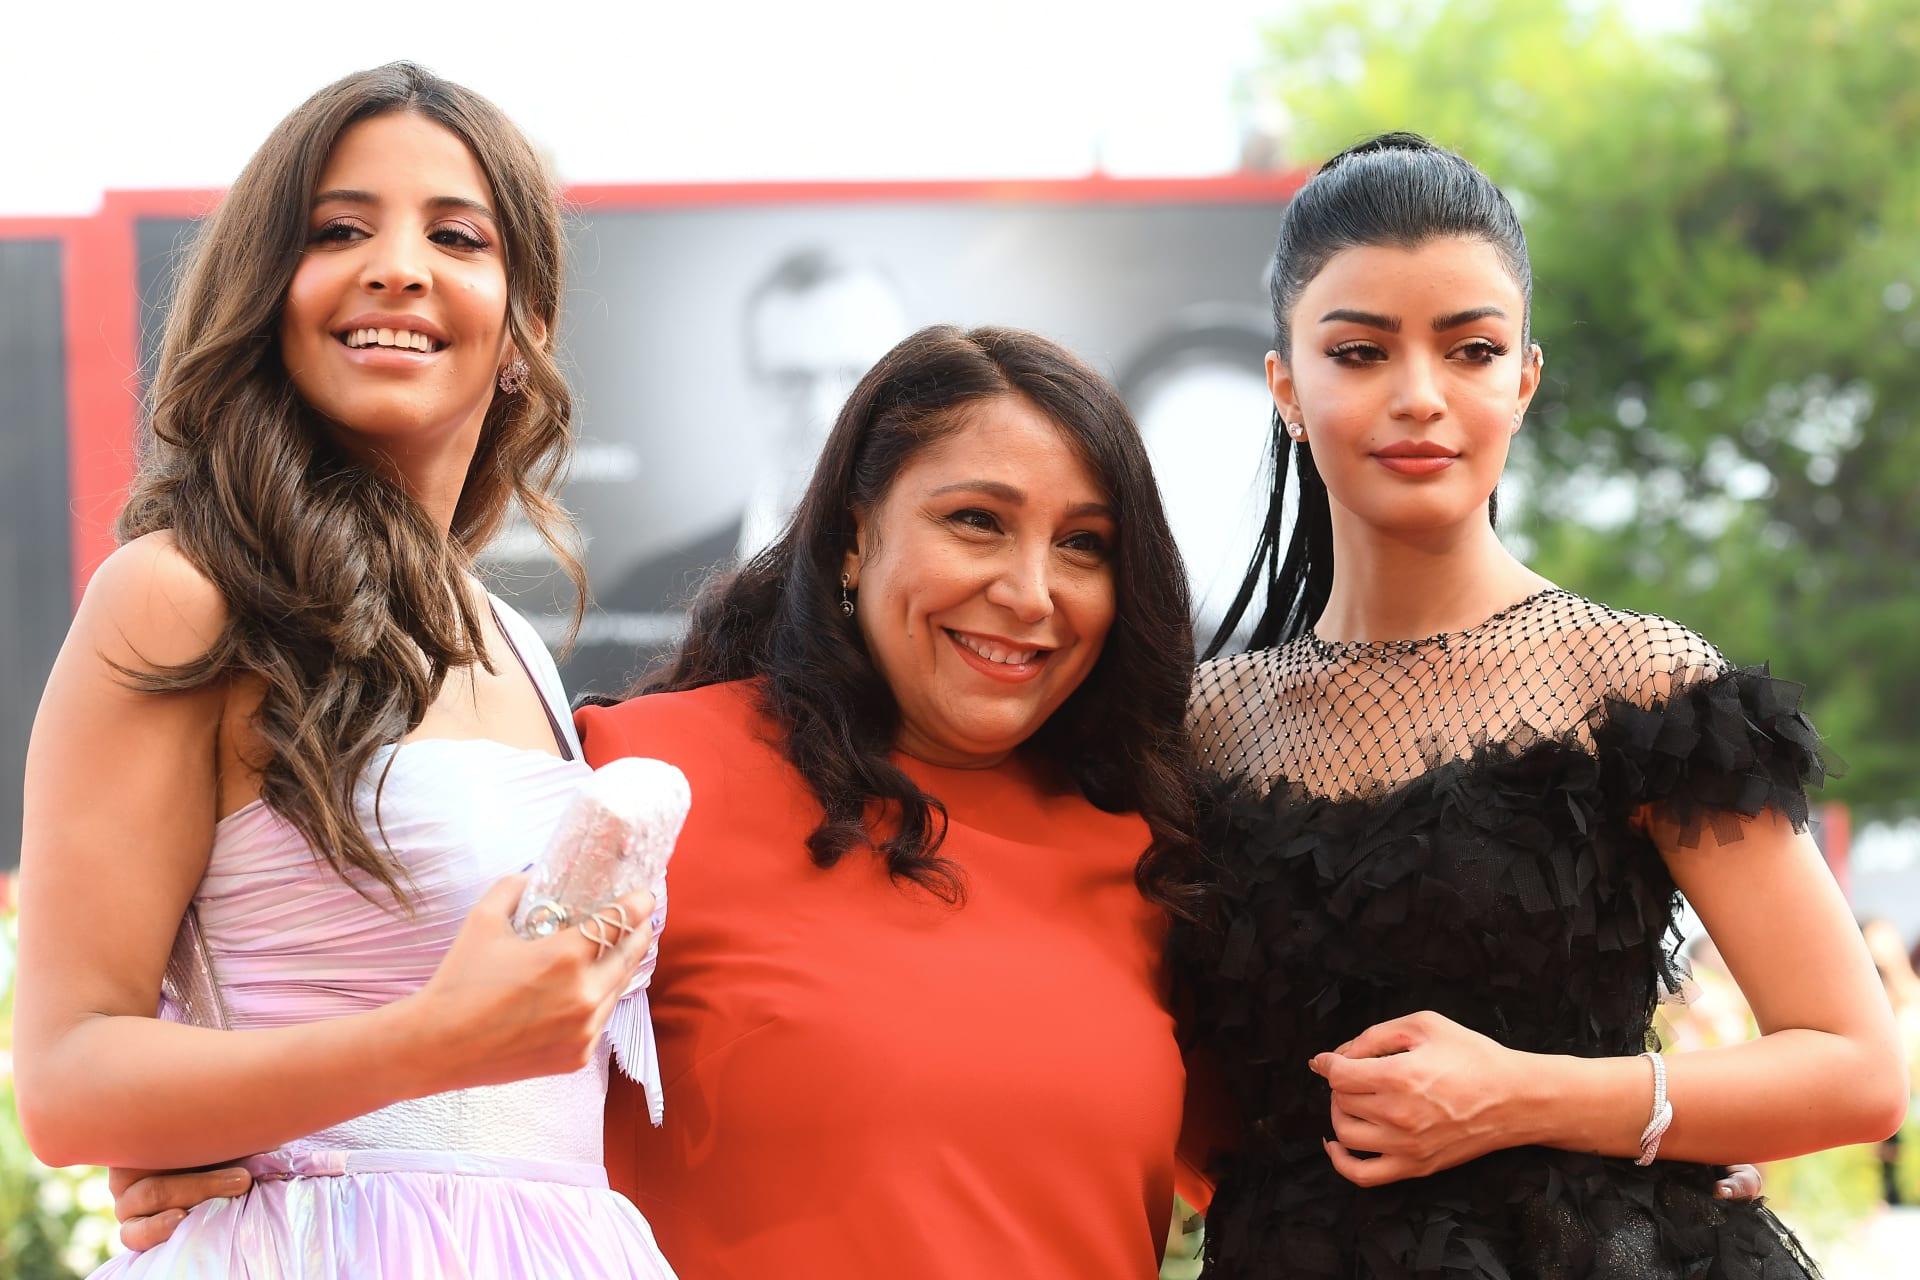 صورة أرشيفية من مشاركة هيفاء المنصور (وسط) في مهرجان فينيسيا في أغسطس 2019